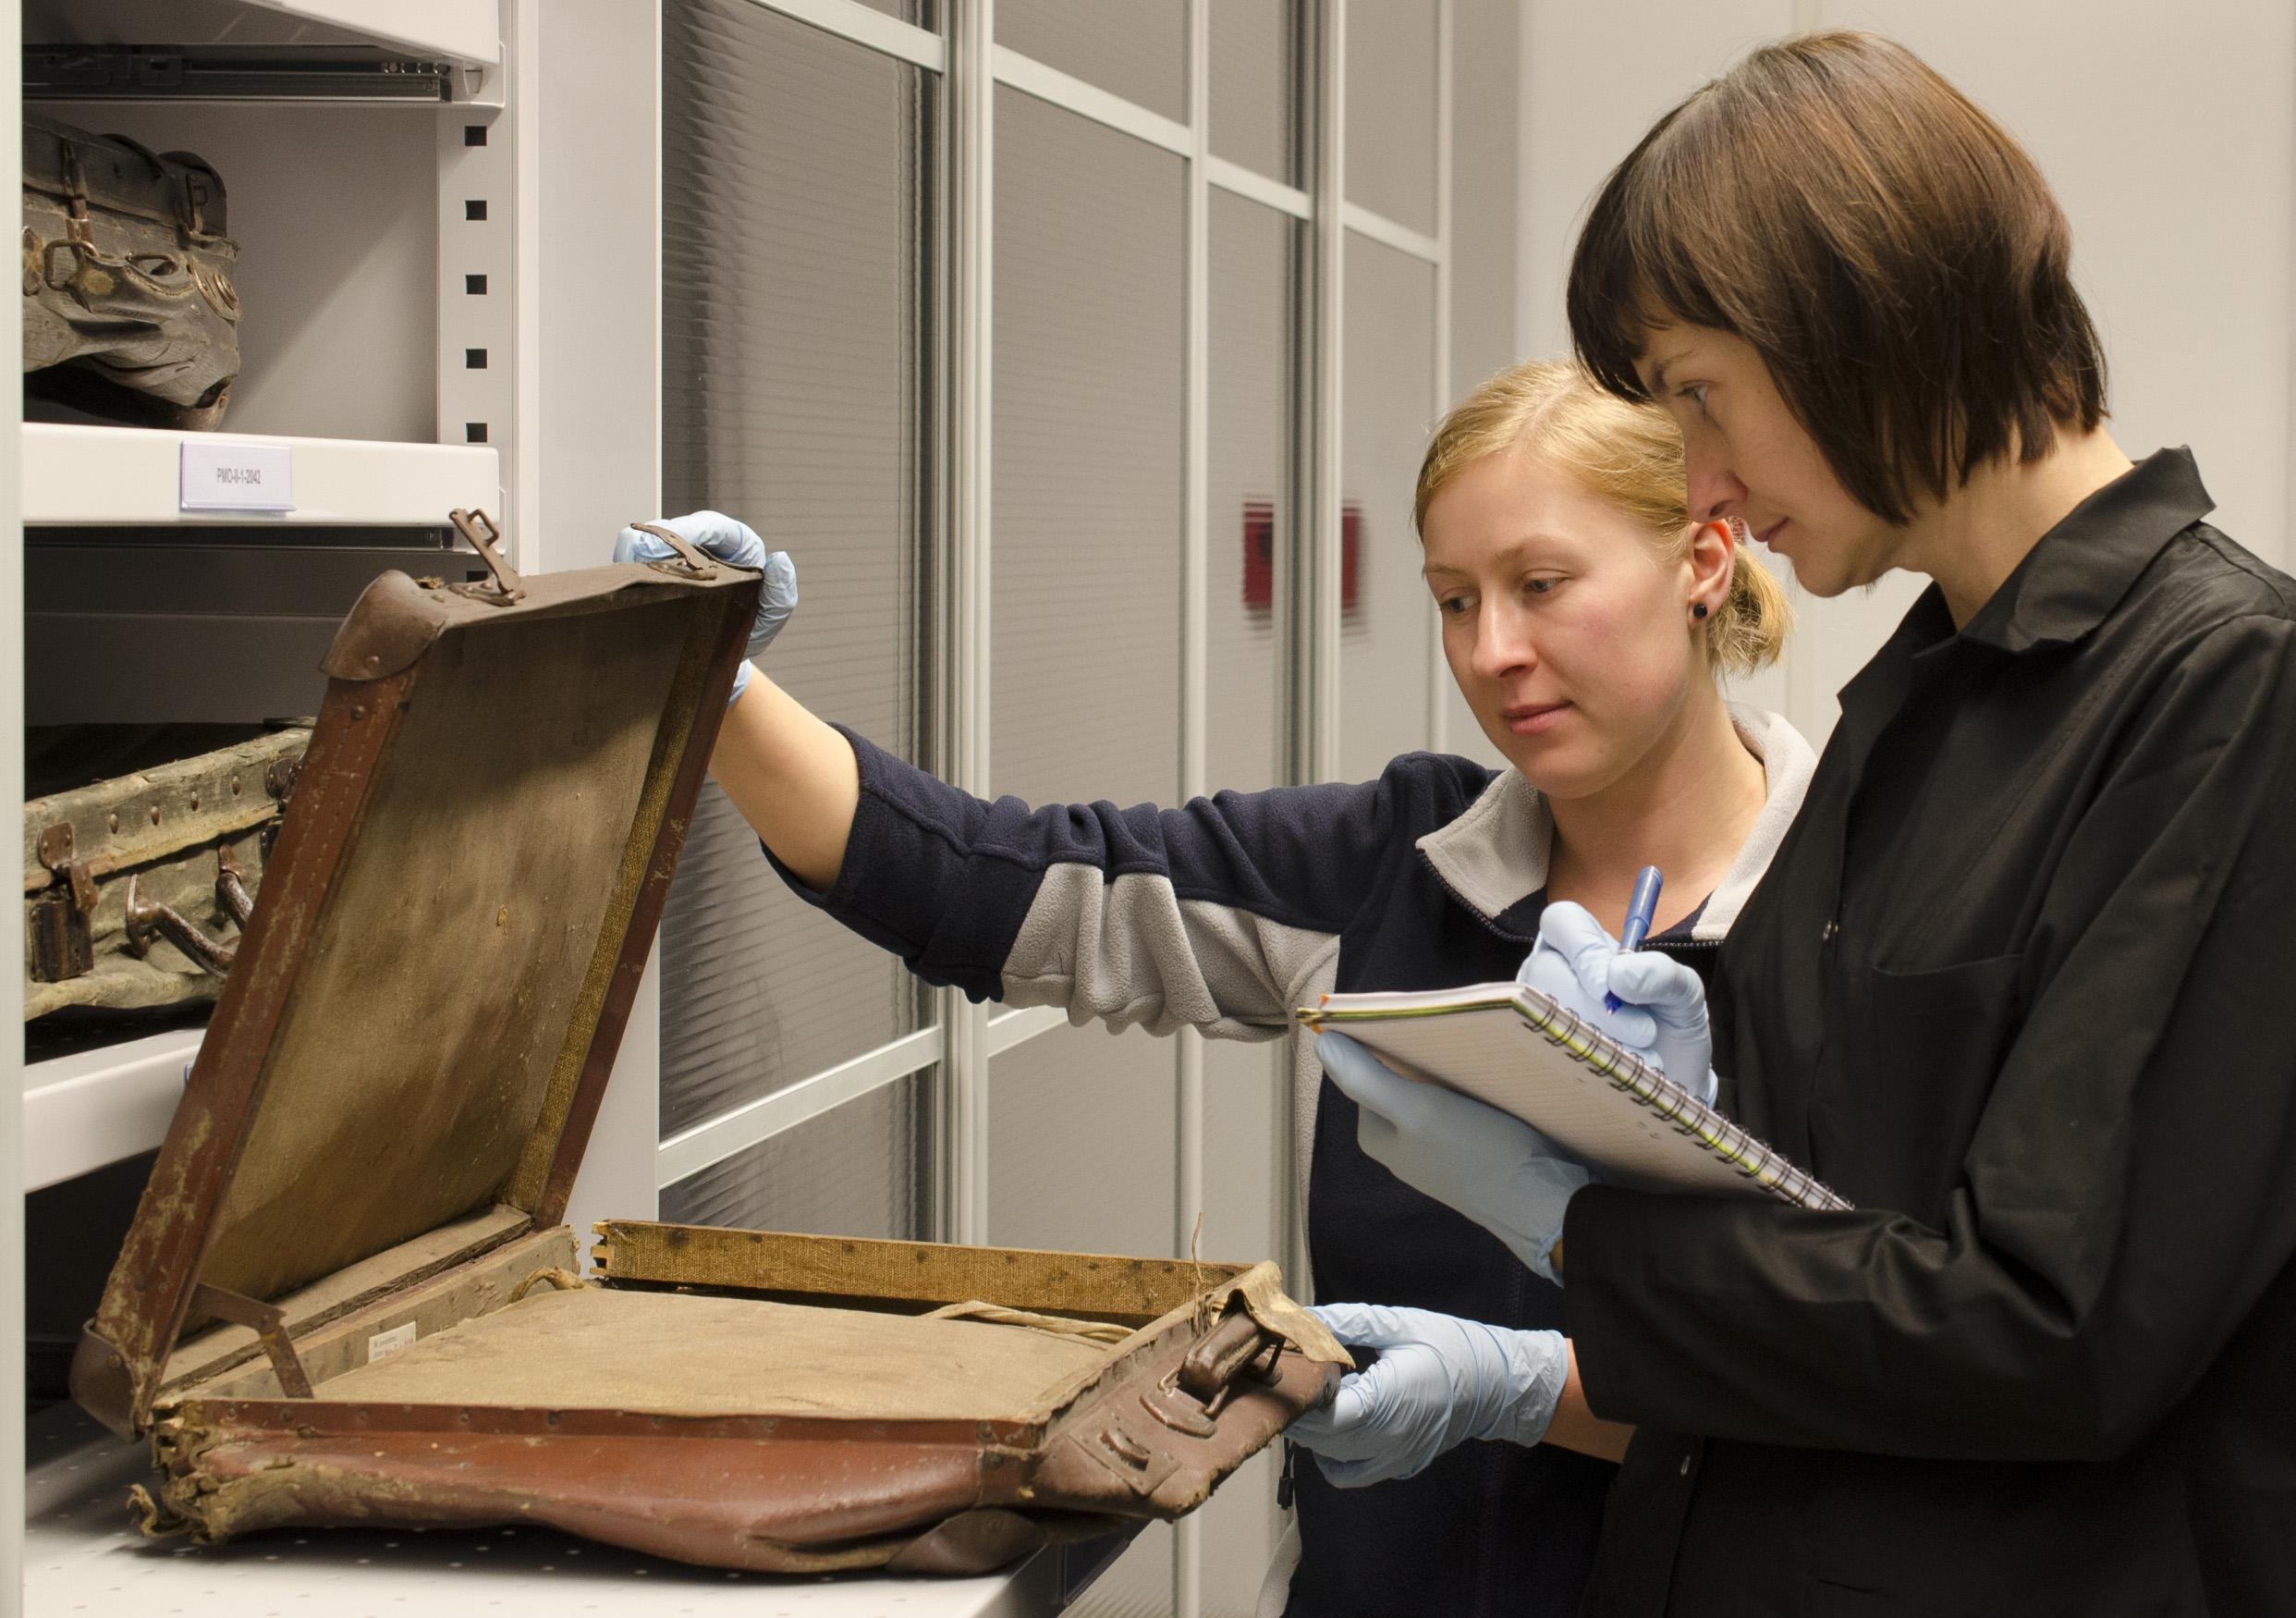 Auschwitz victim suitcases get high-tech storage